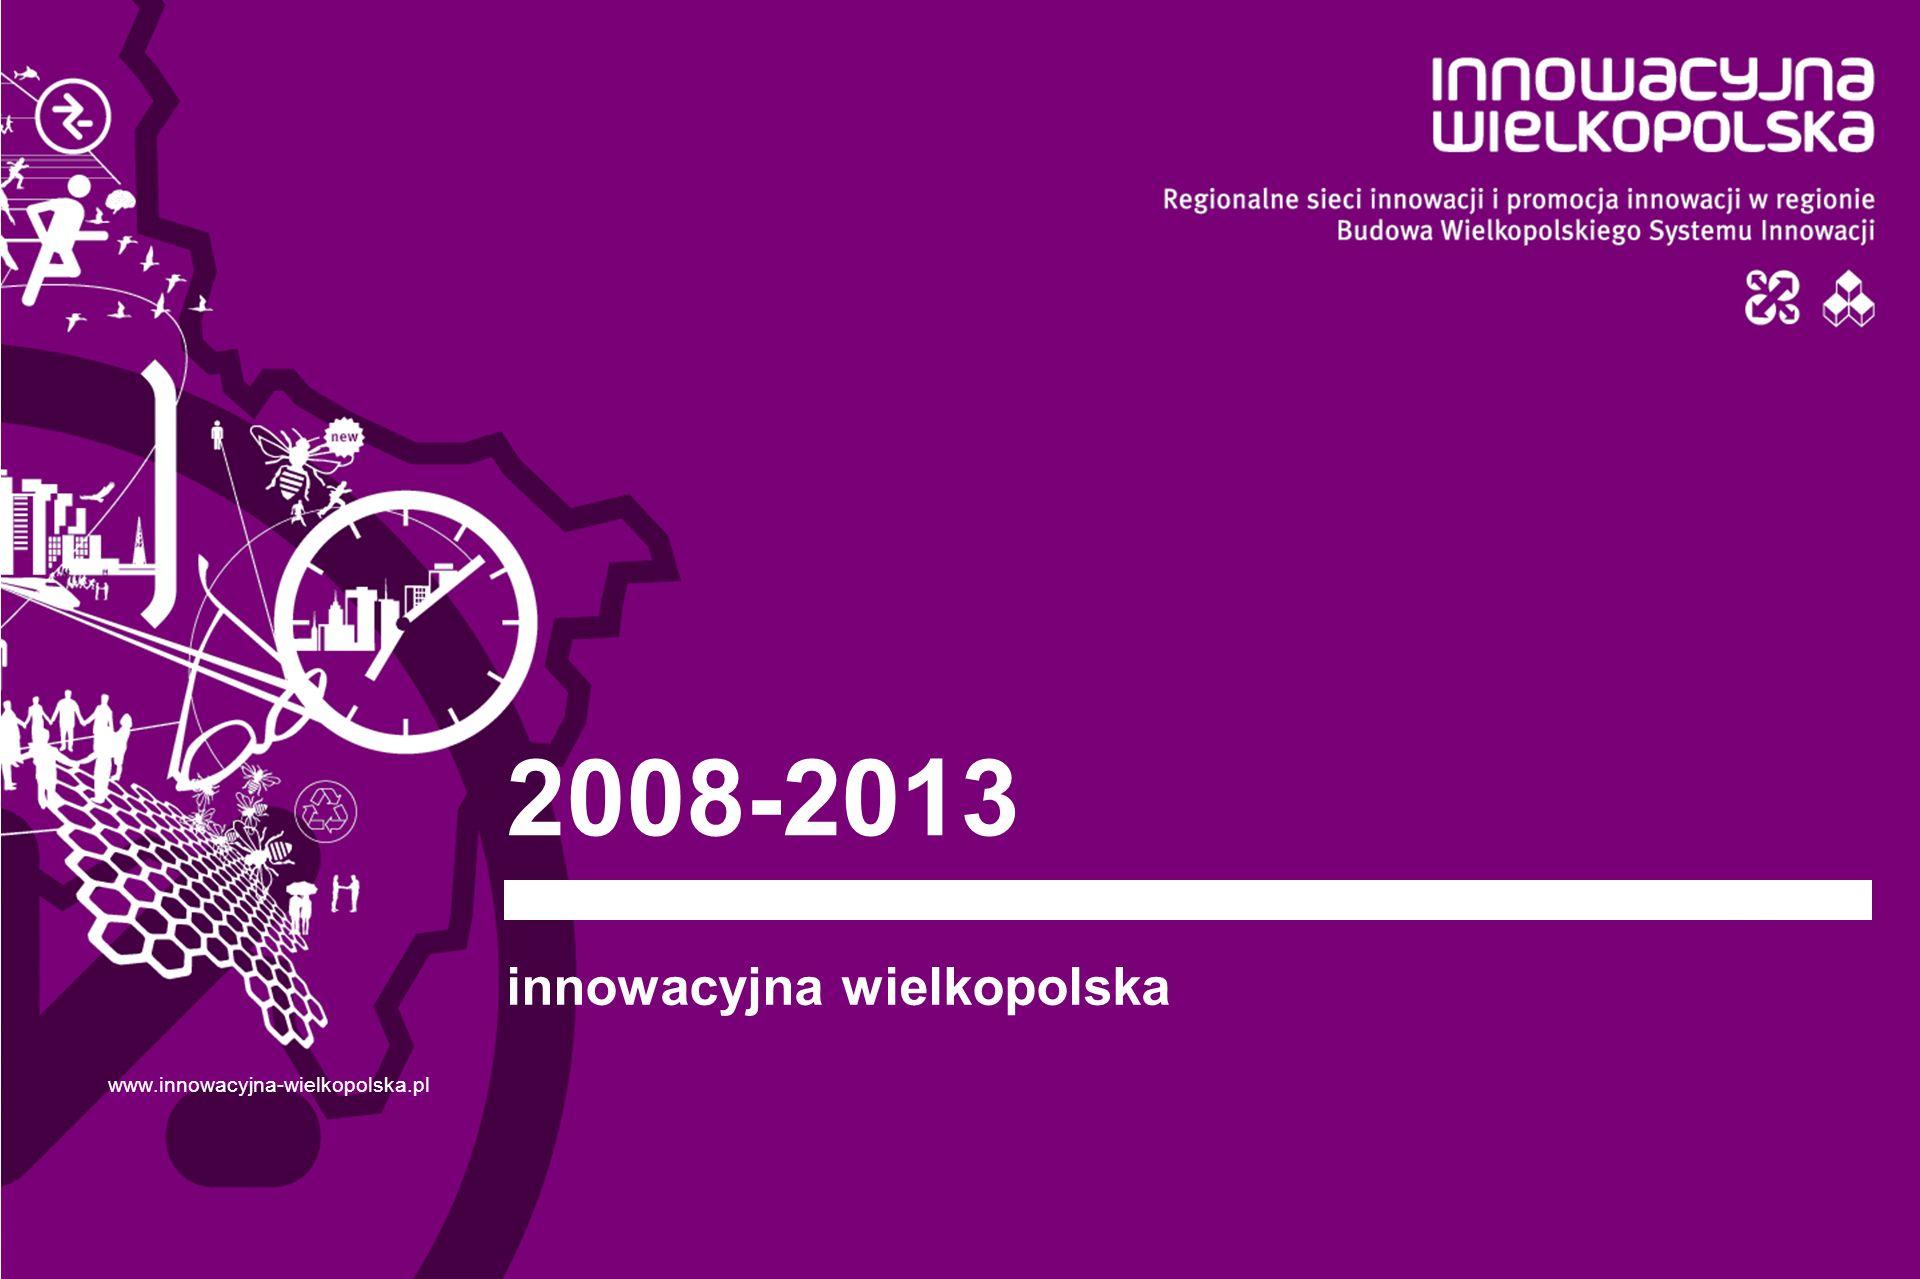 2008-2013 innowacyjna wielkopolska www.innowacyjna-wielkopolska.pl